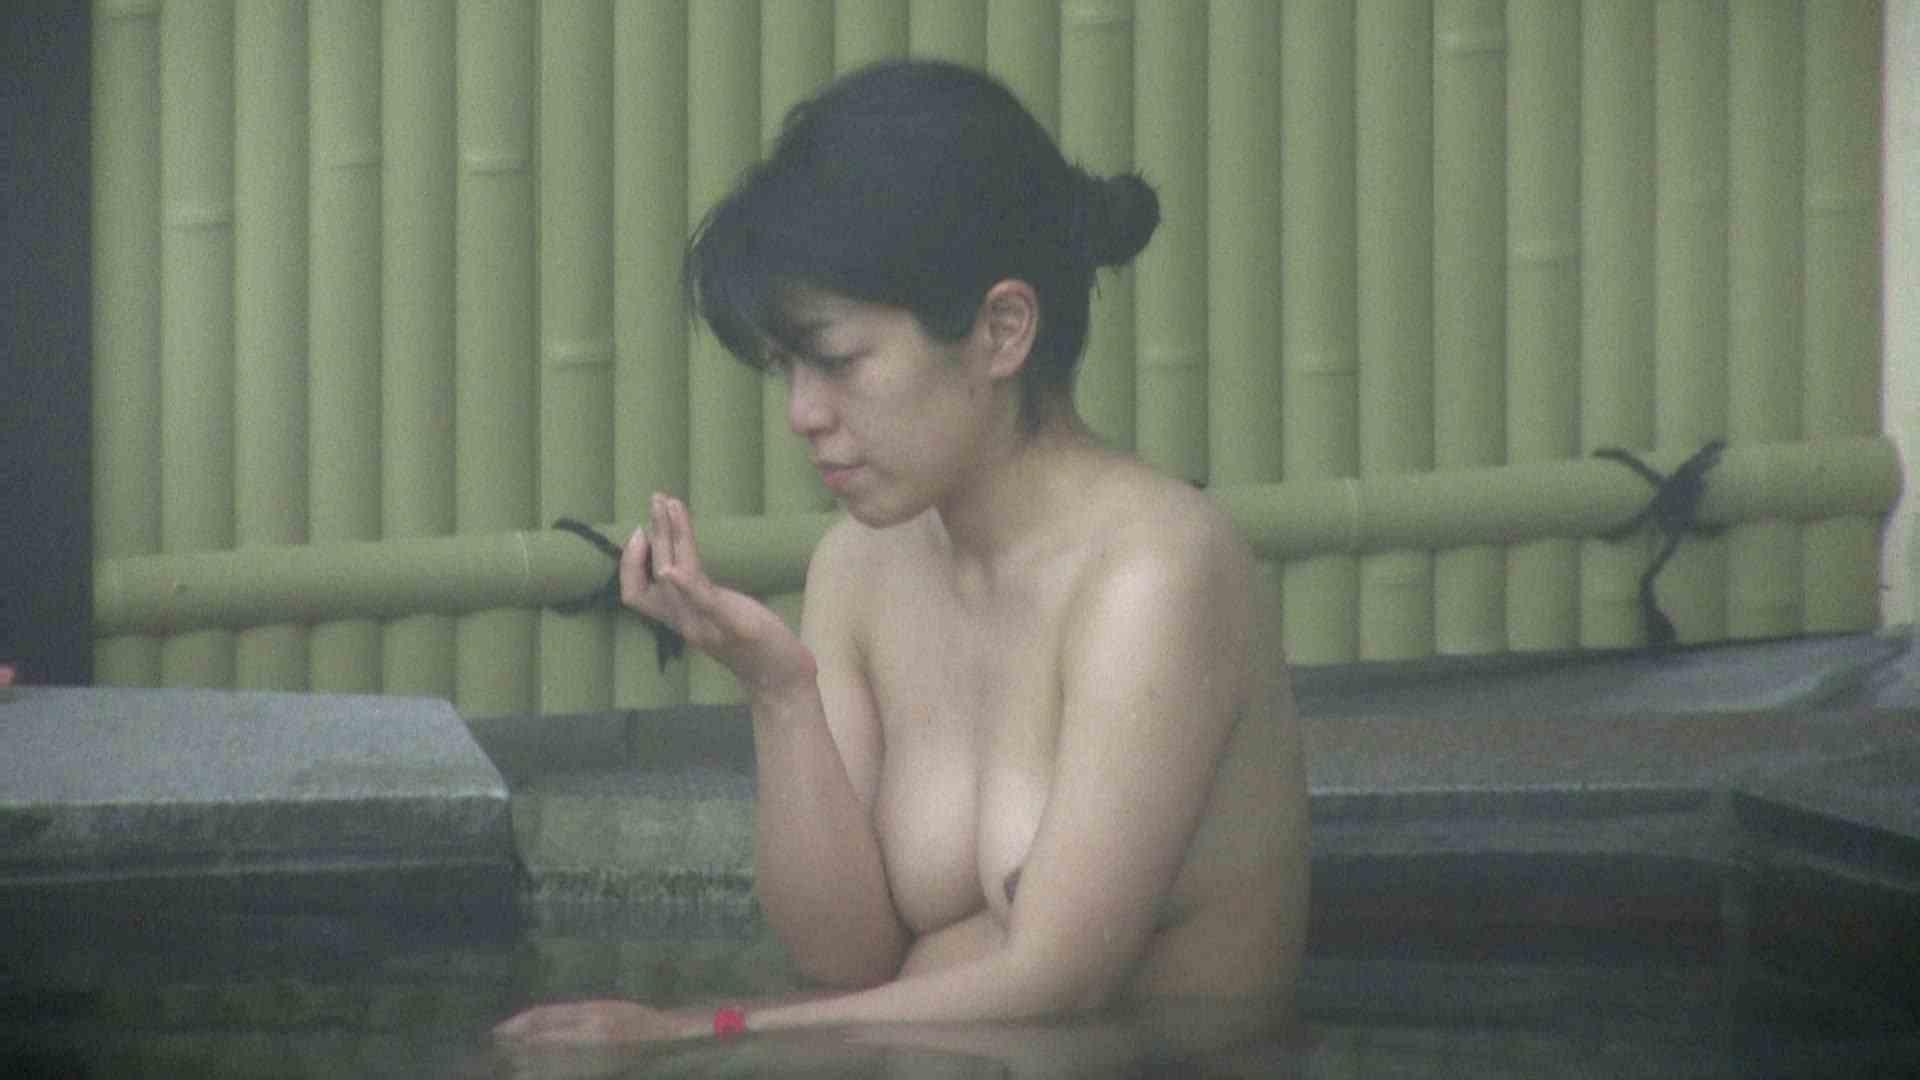 Aquaな露天風呂Vol.585 盗撮  78PICs 39